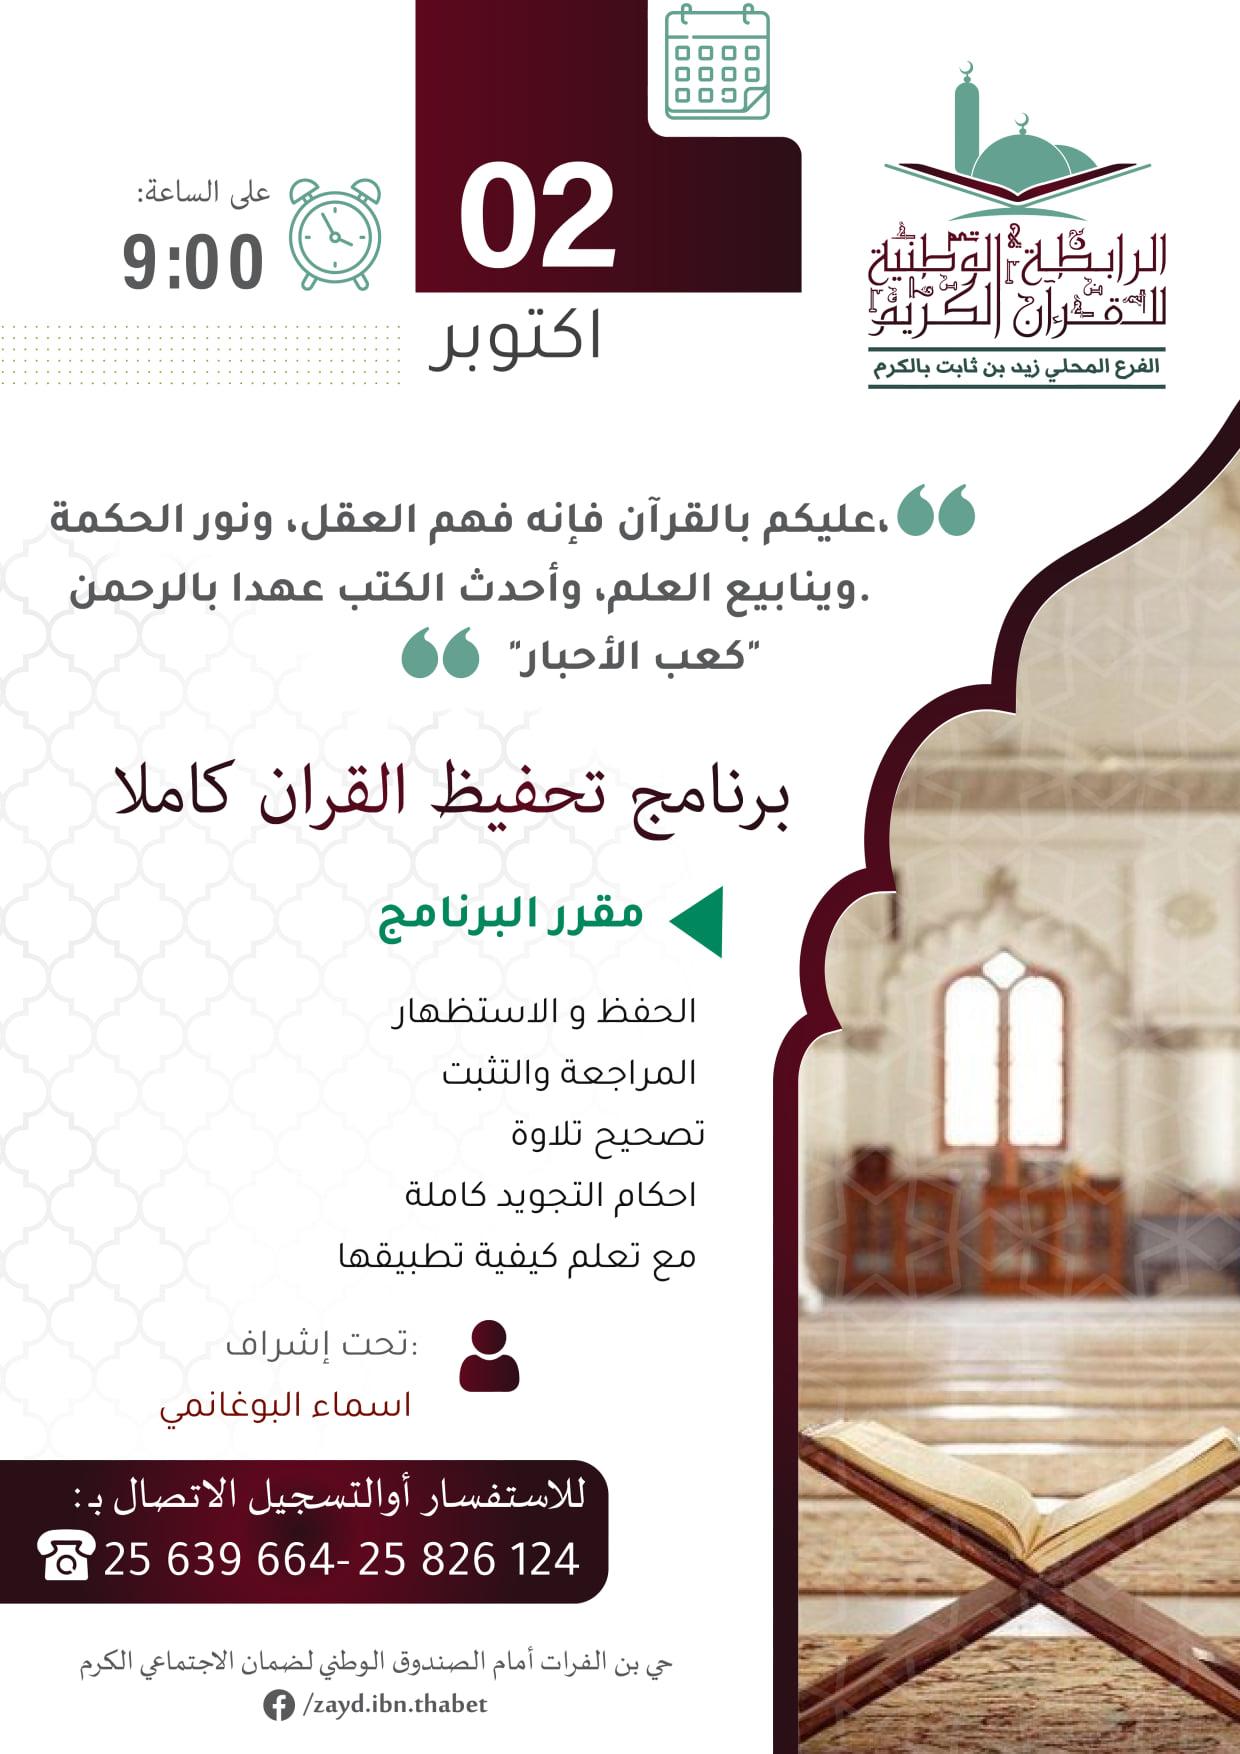 دورة بالكرم لتحفيظ القرآن الكريم في خمس سنوات